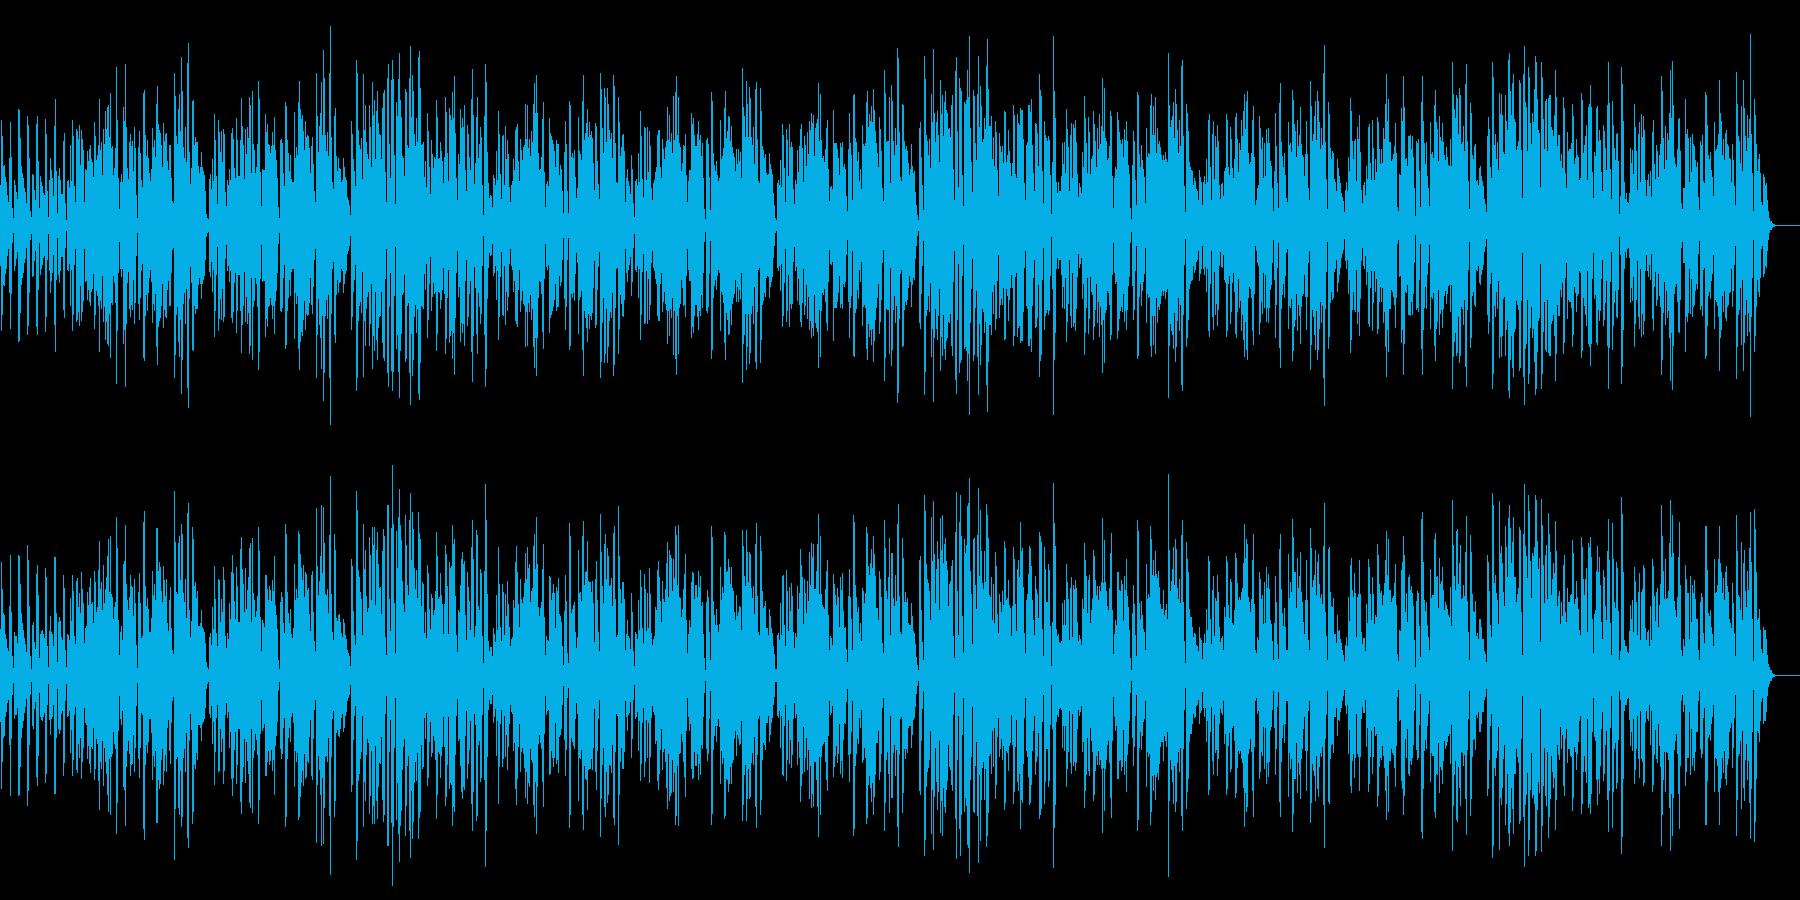 ラグタイム/Honky Tonkの再生済みの波形